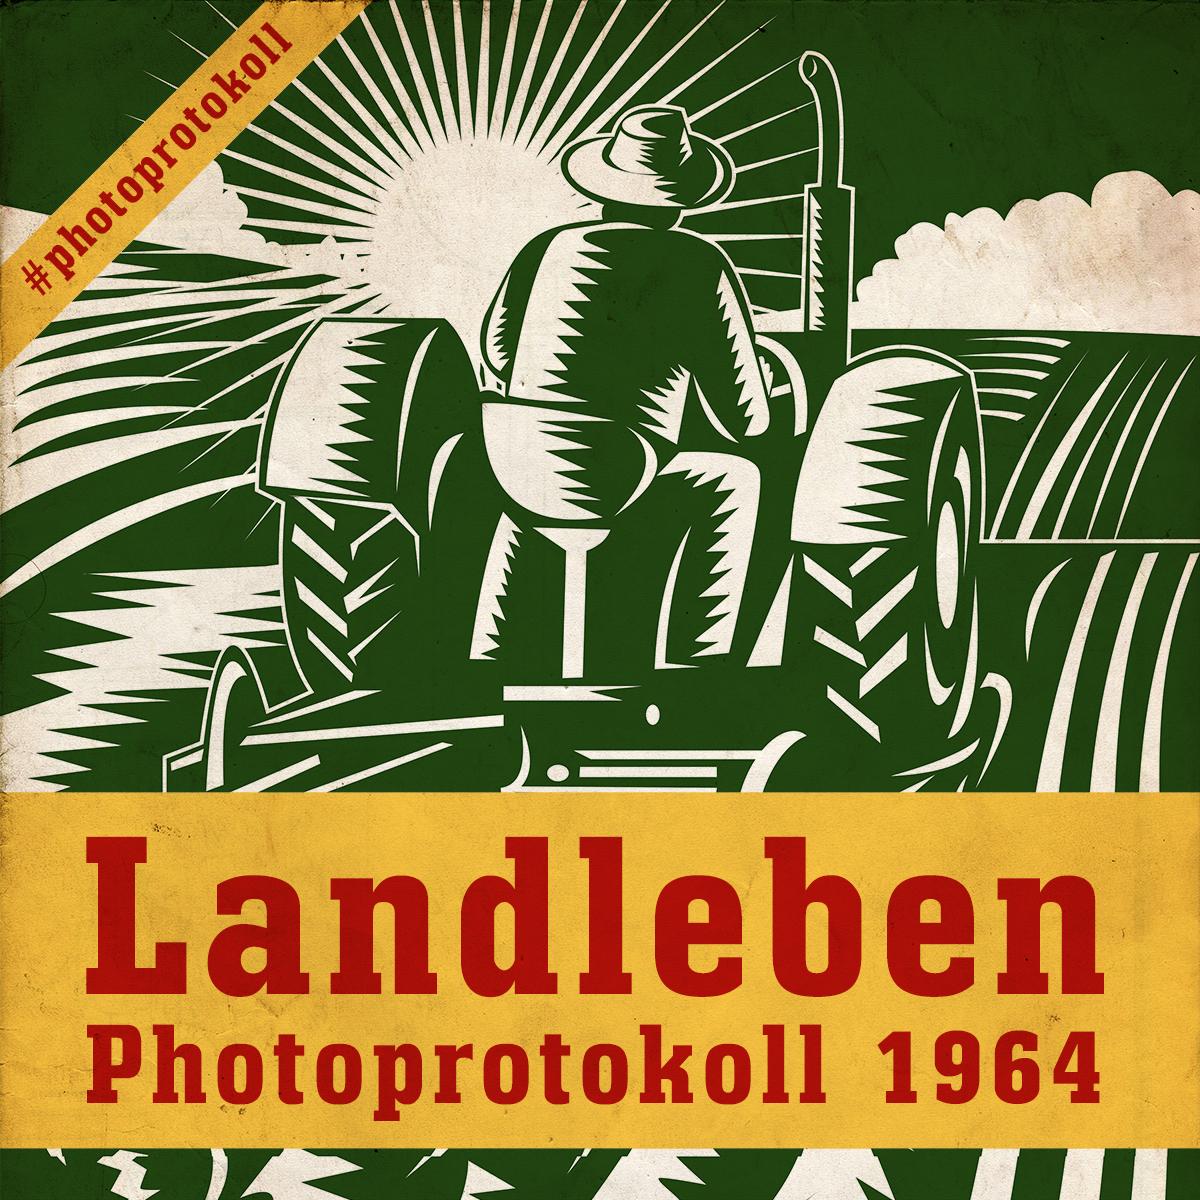 Photoprotokoll - Landleben 1964